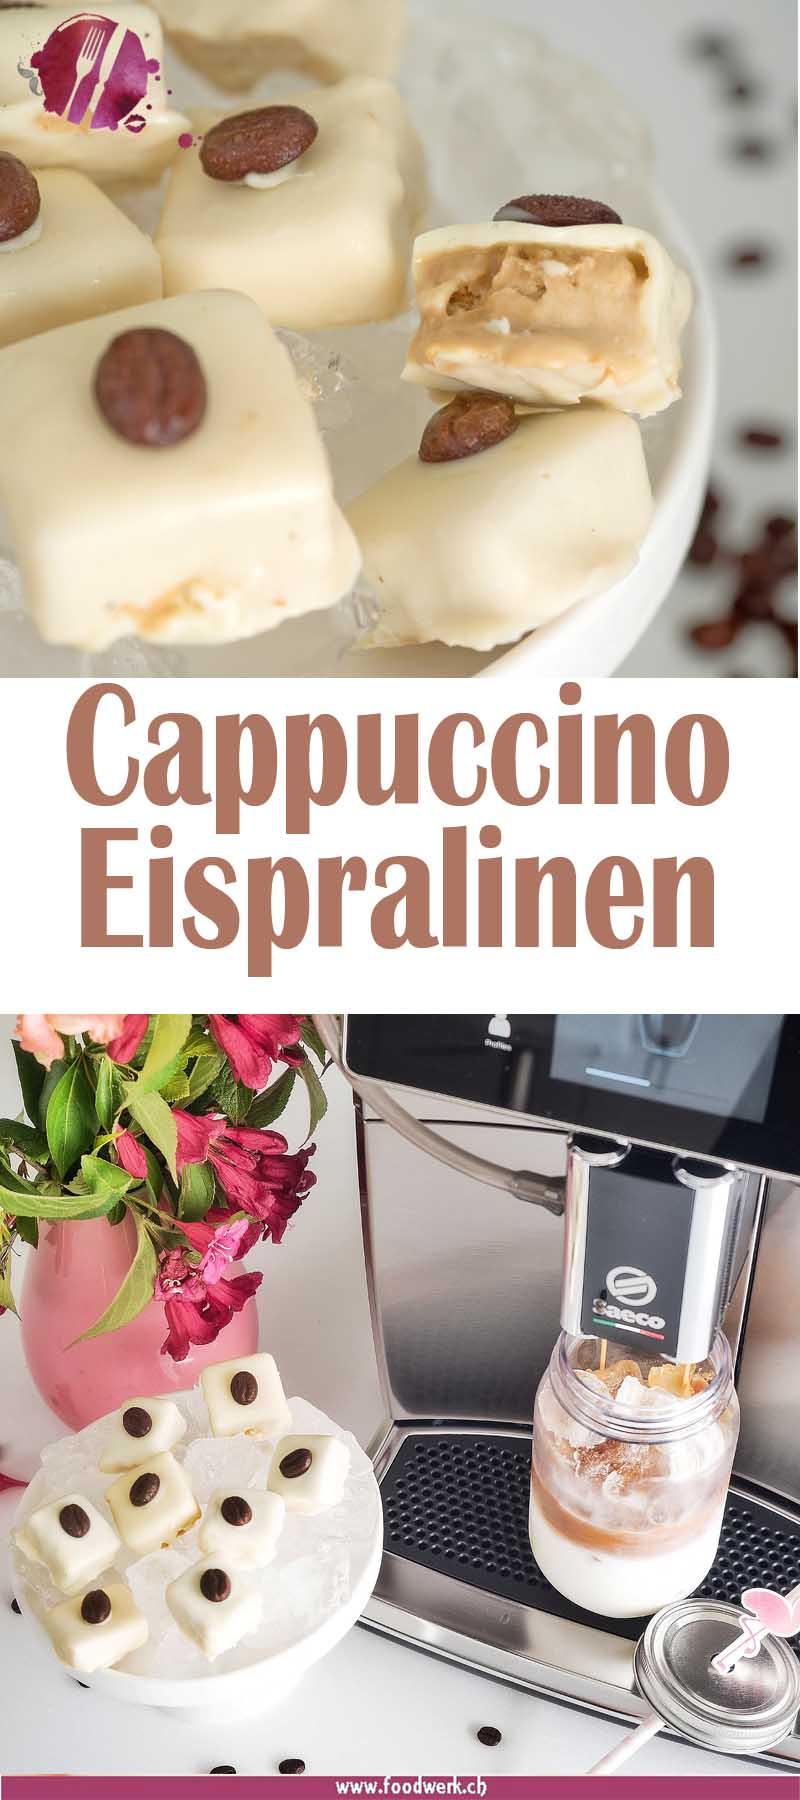 xelsis, saeco, cappuccino Eispralinen, Kaffeemaschine